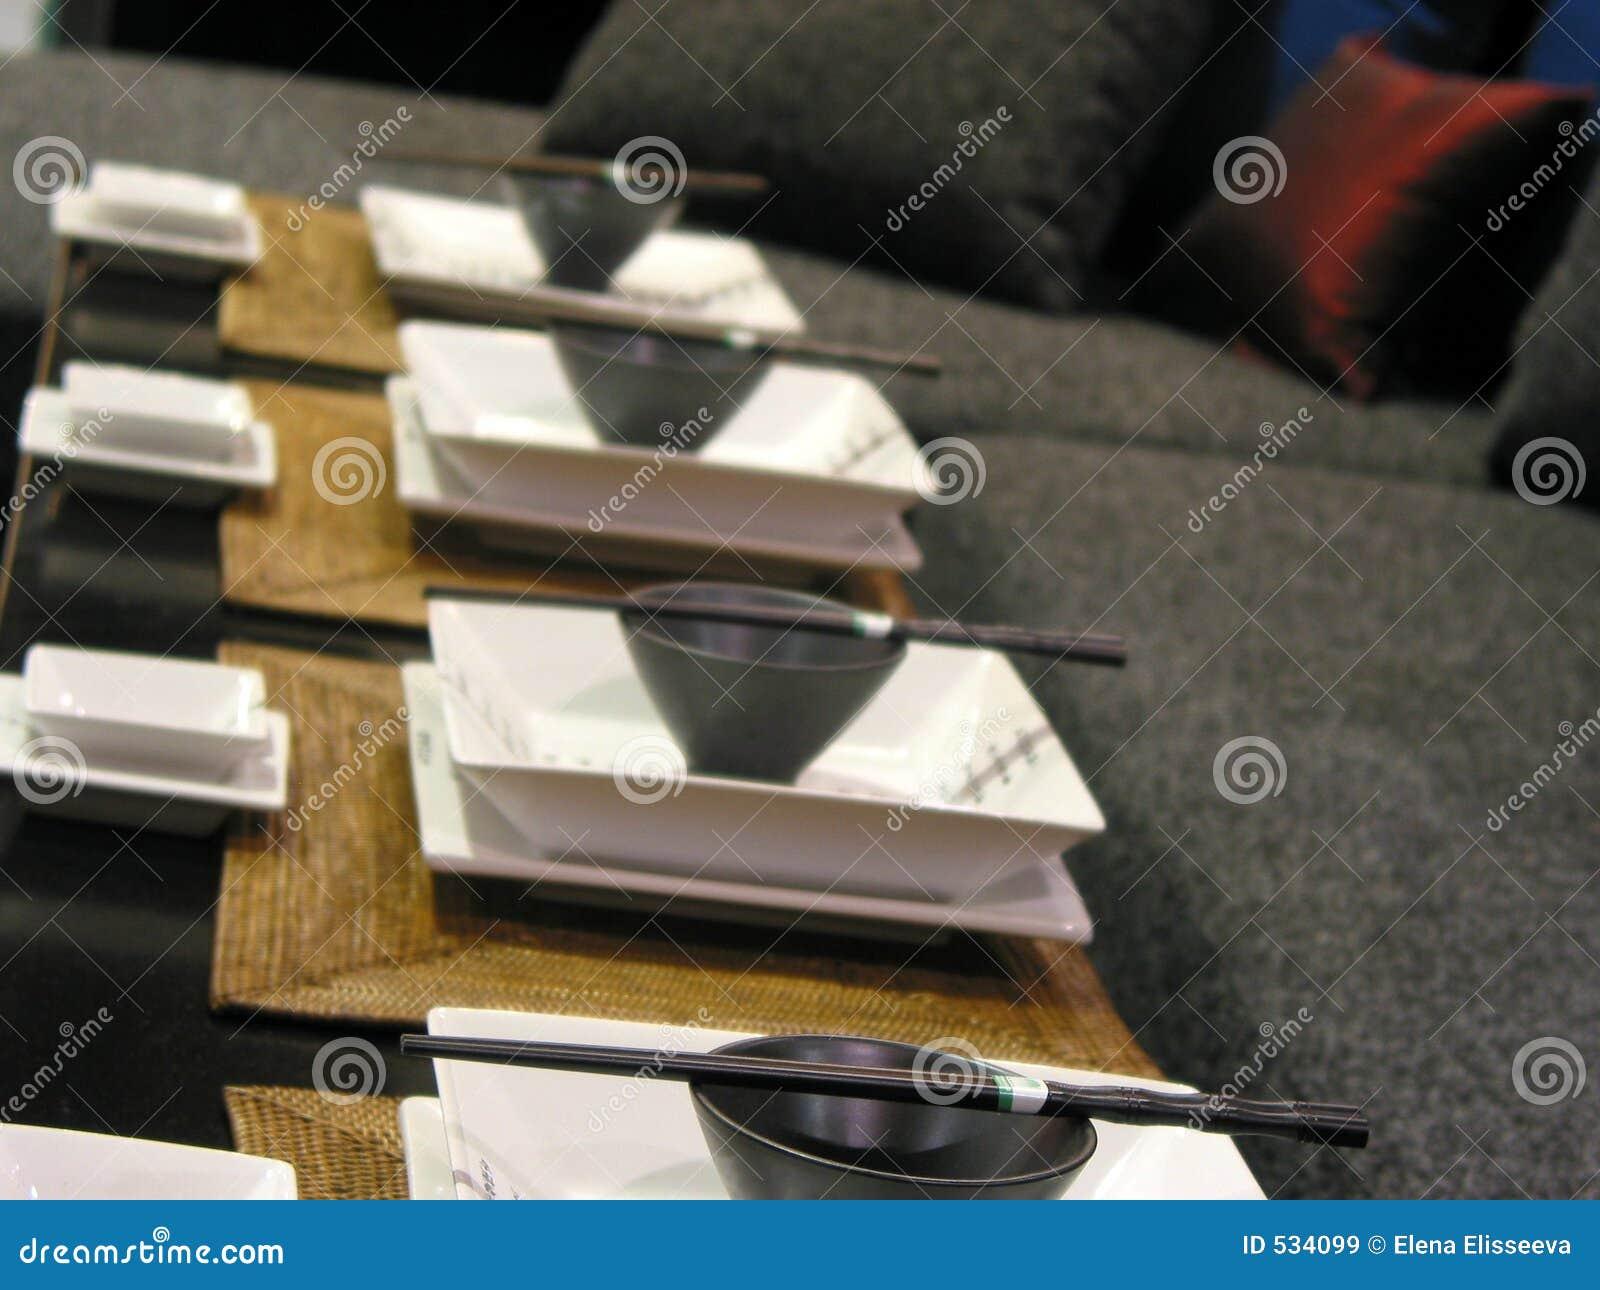 Download 日本设置表 库存图片. 图片 包括有 膳食, 现代, 设计, 餐馆, 位子, 枕头, 内部, 聚会所, 日语 - 534099